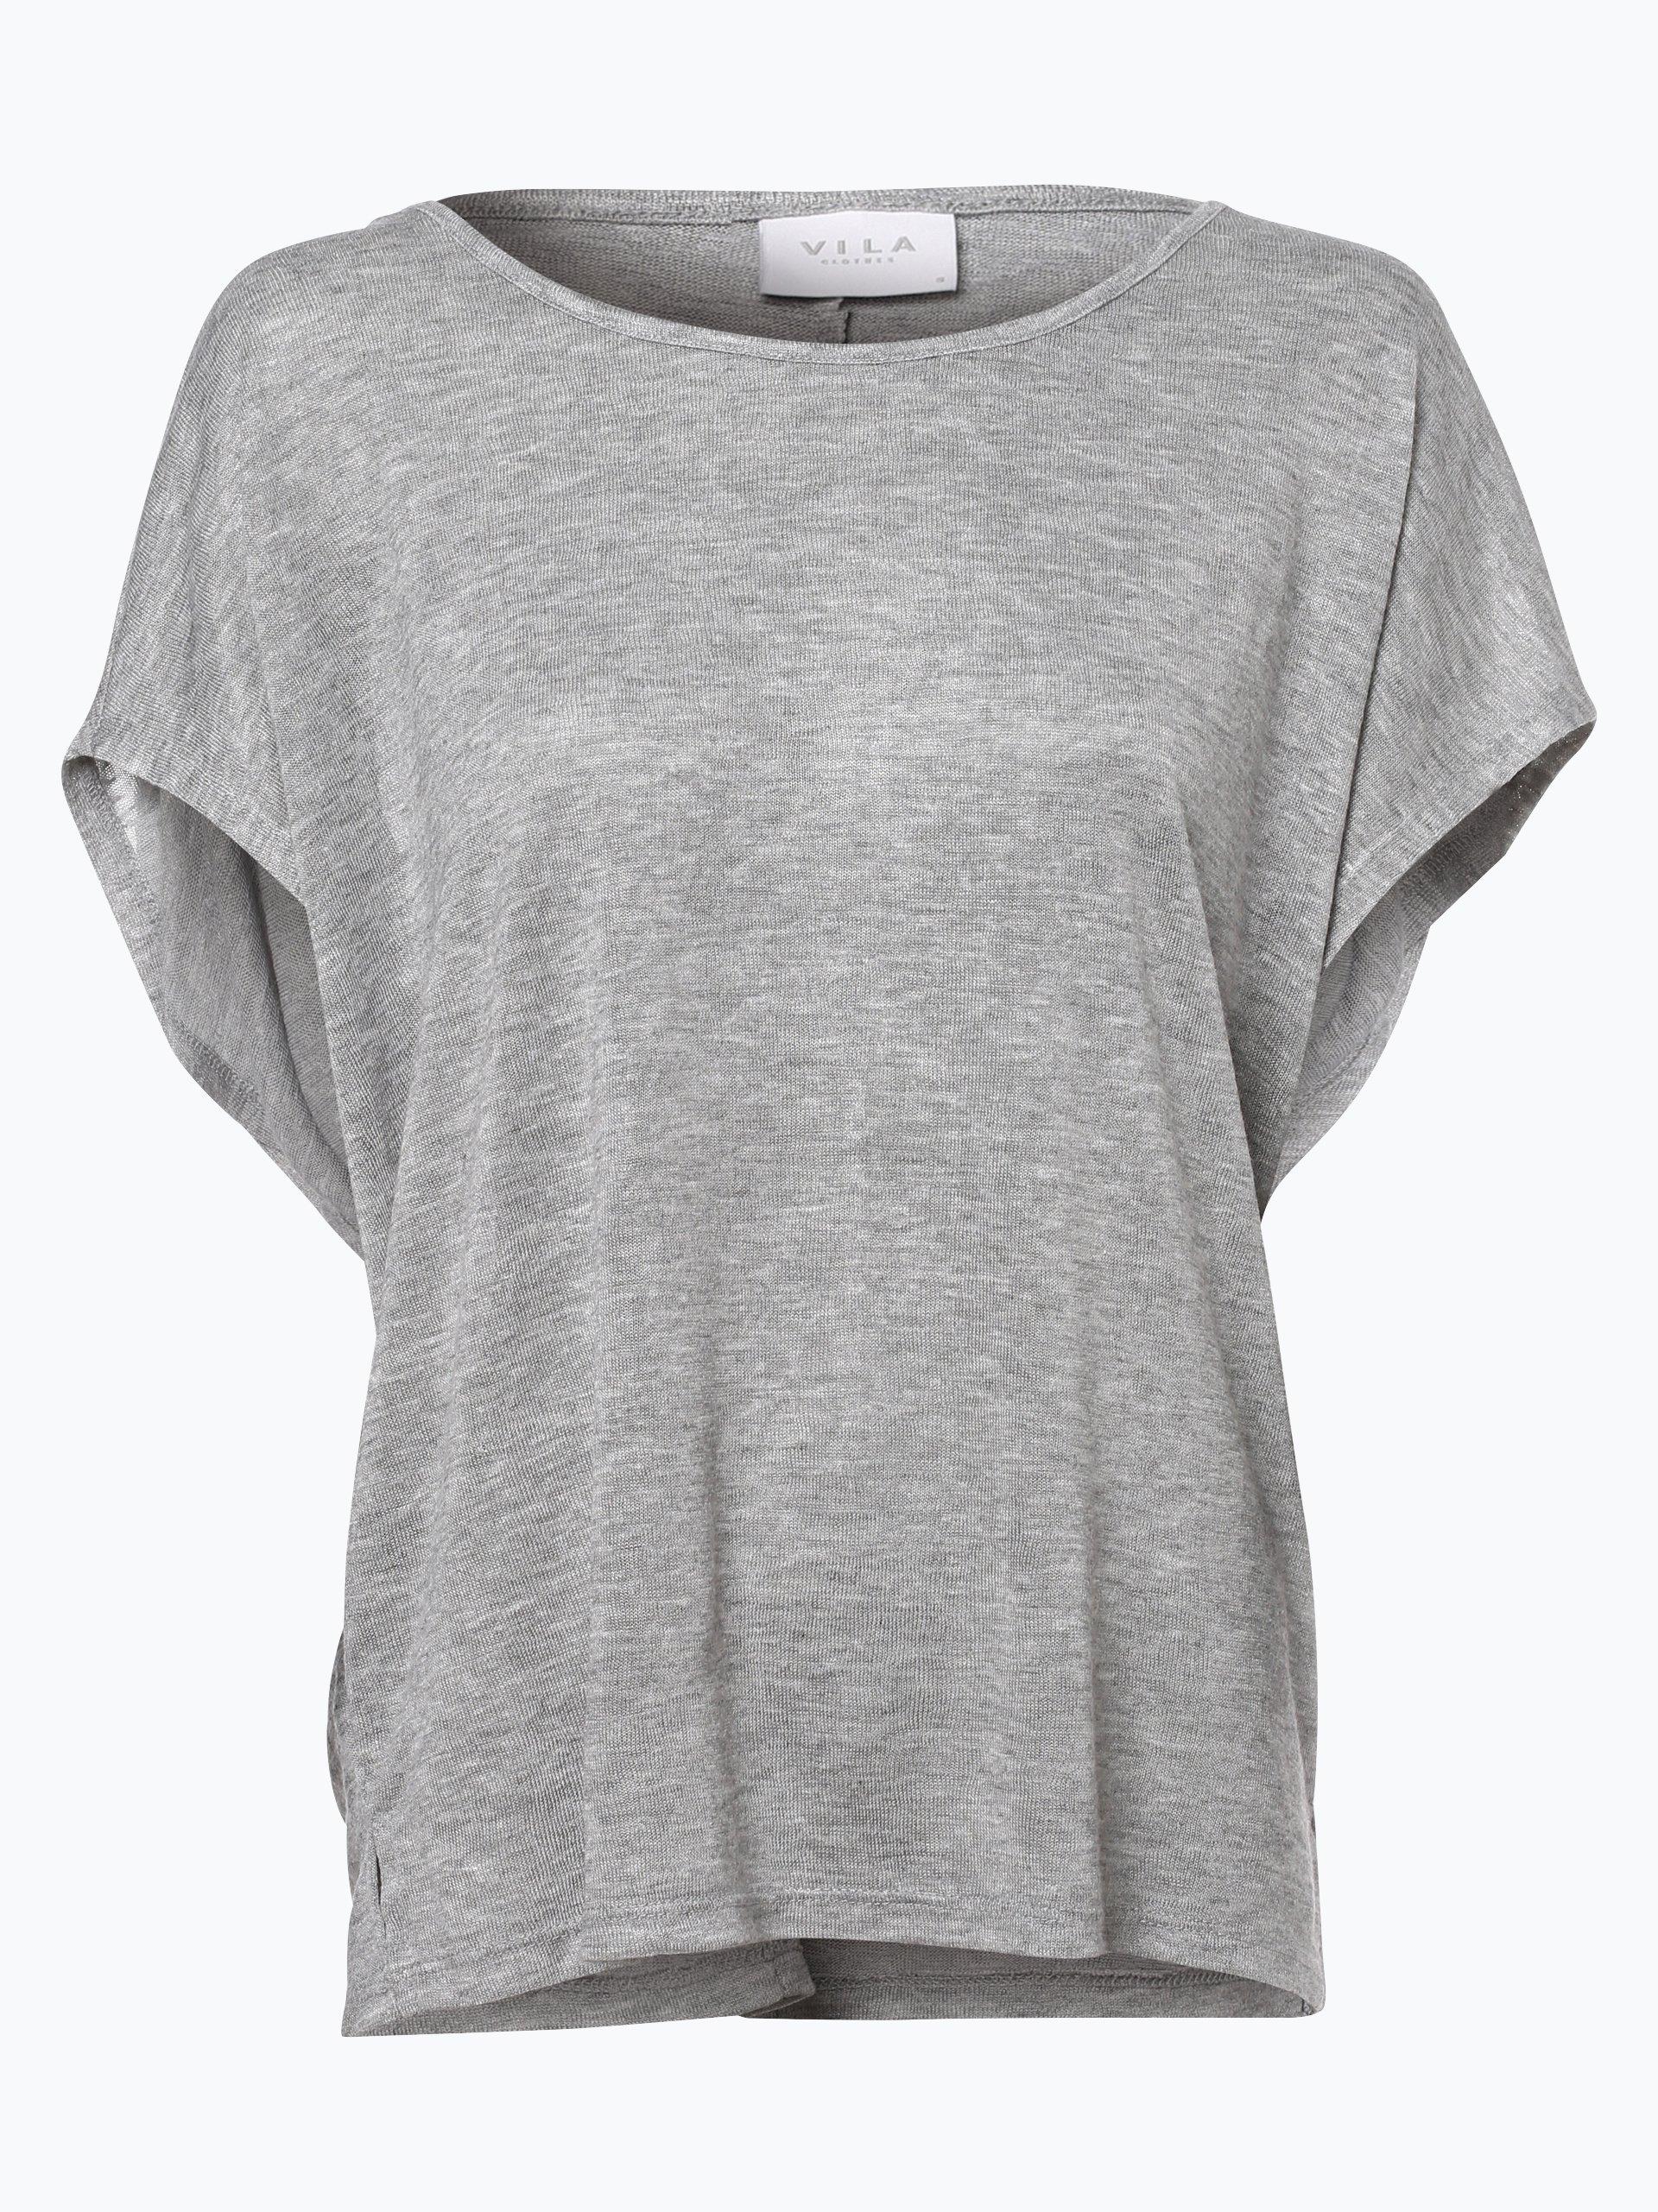 Vila T-shirt damski – Visumi